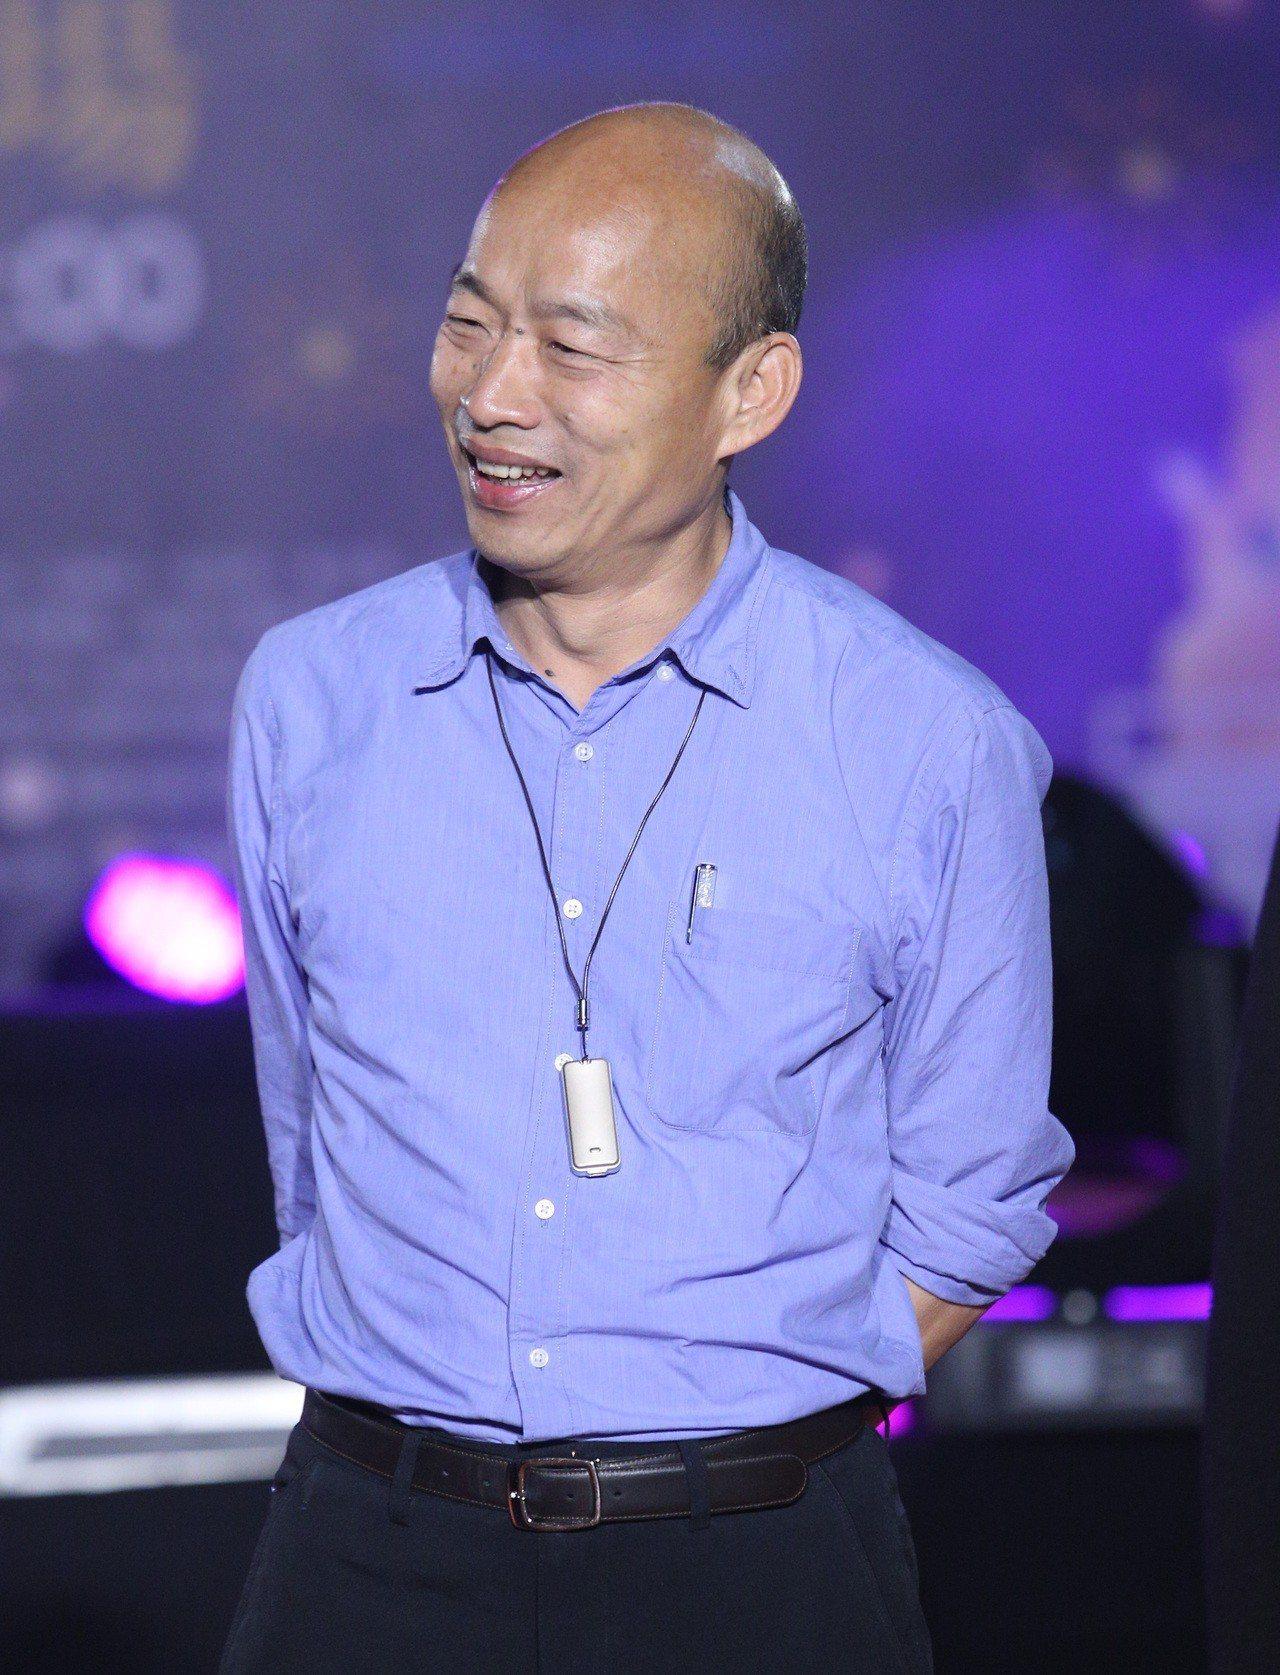 高雄市長韓國瑜昨晚參加高雄燈會金銀河國際之夜。記者劉學聖/攝影